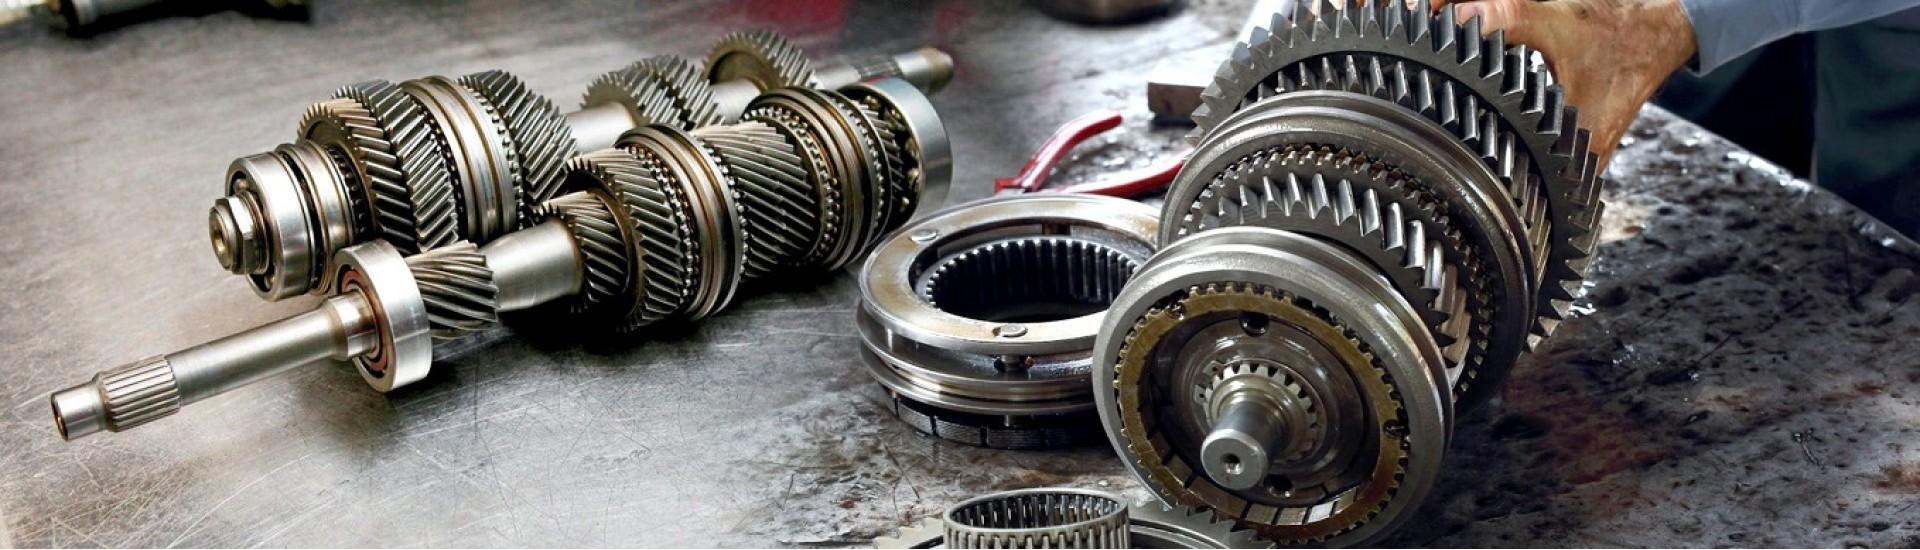 گیربکس ، قیمت گیربکس ، گیربکس فابریک ، transmission parts